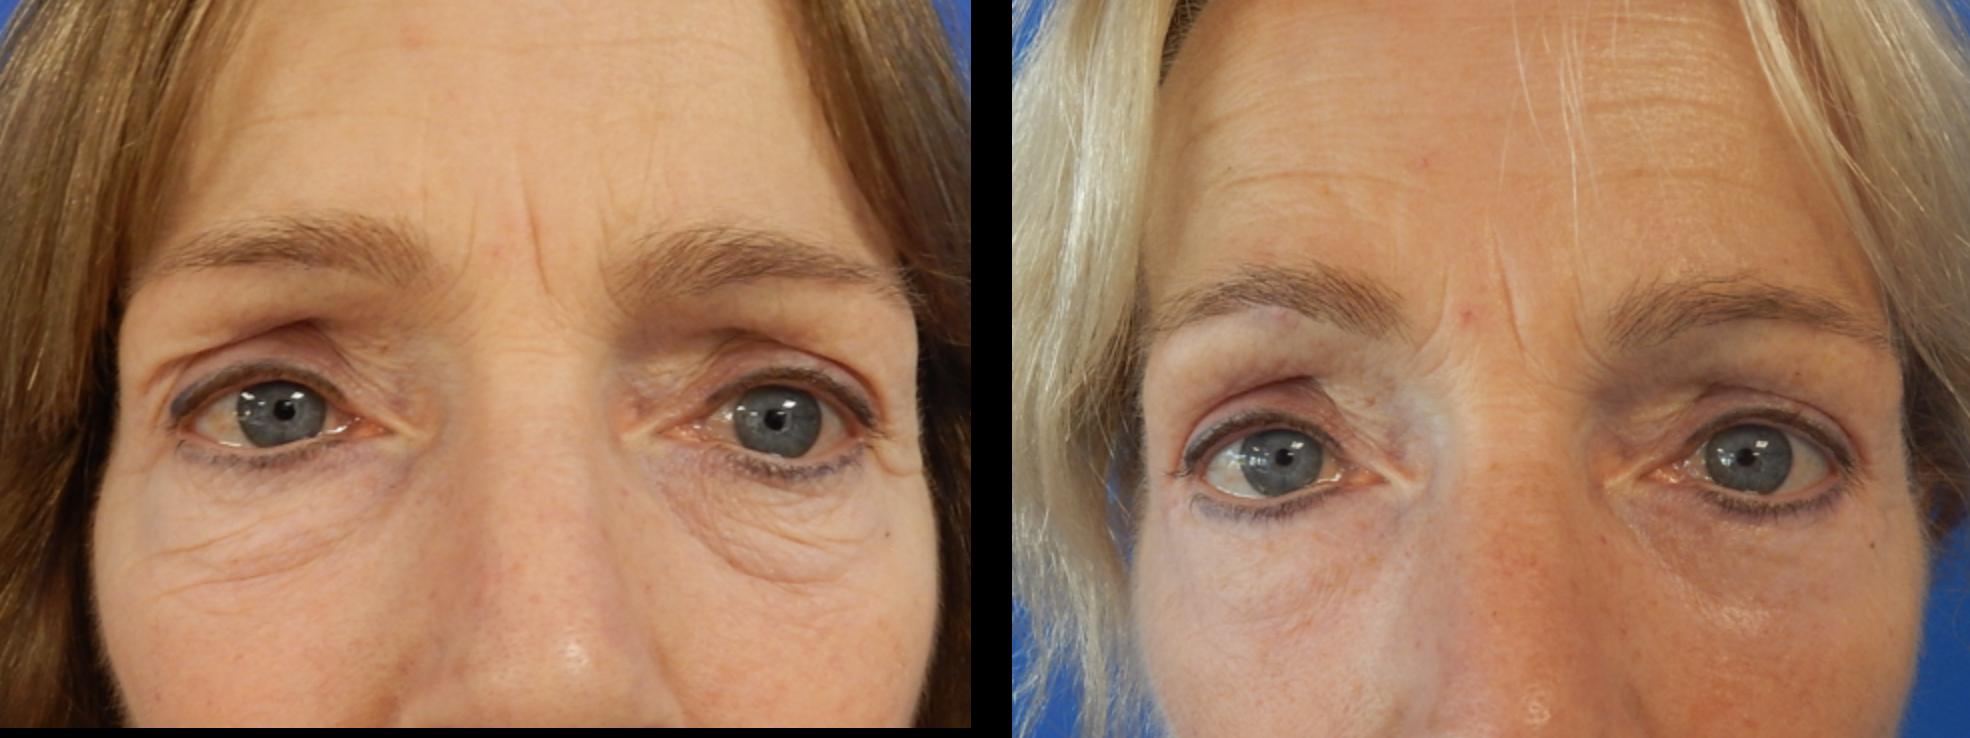 onderste ooglidcorrectie voor en na